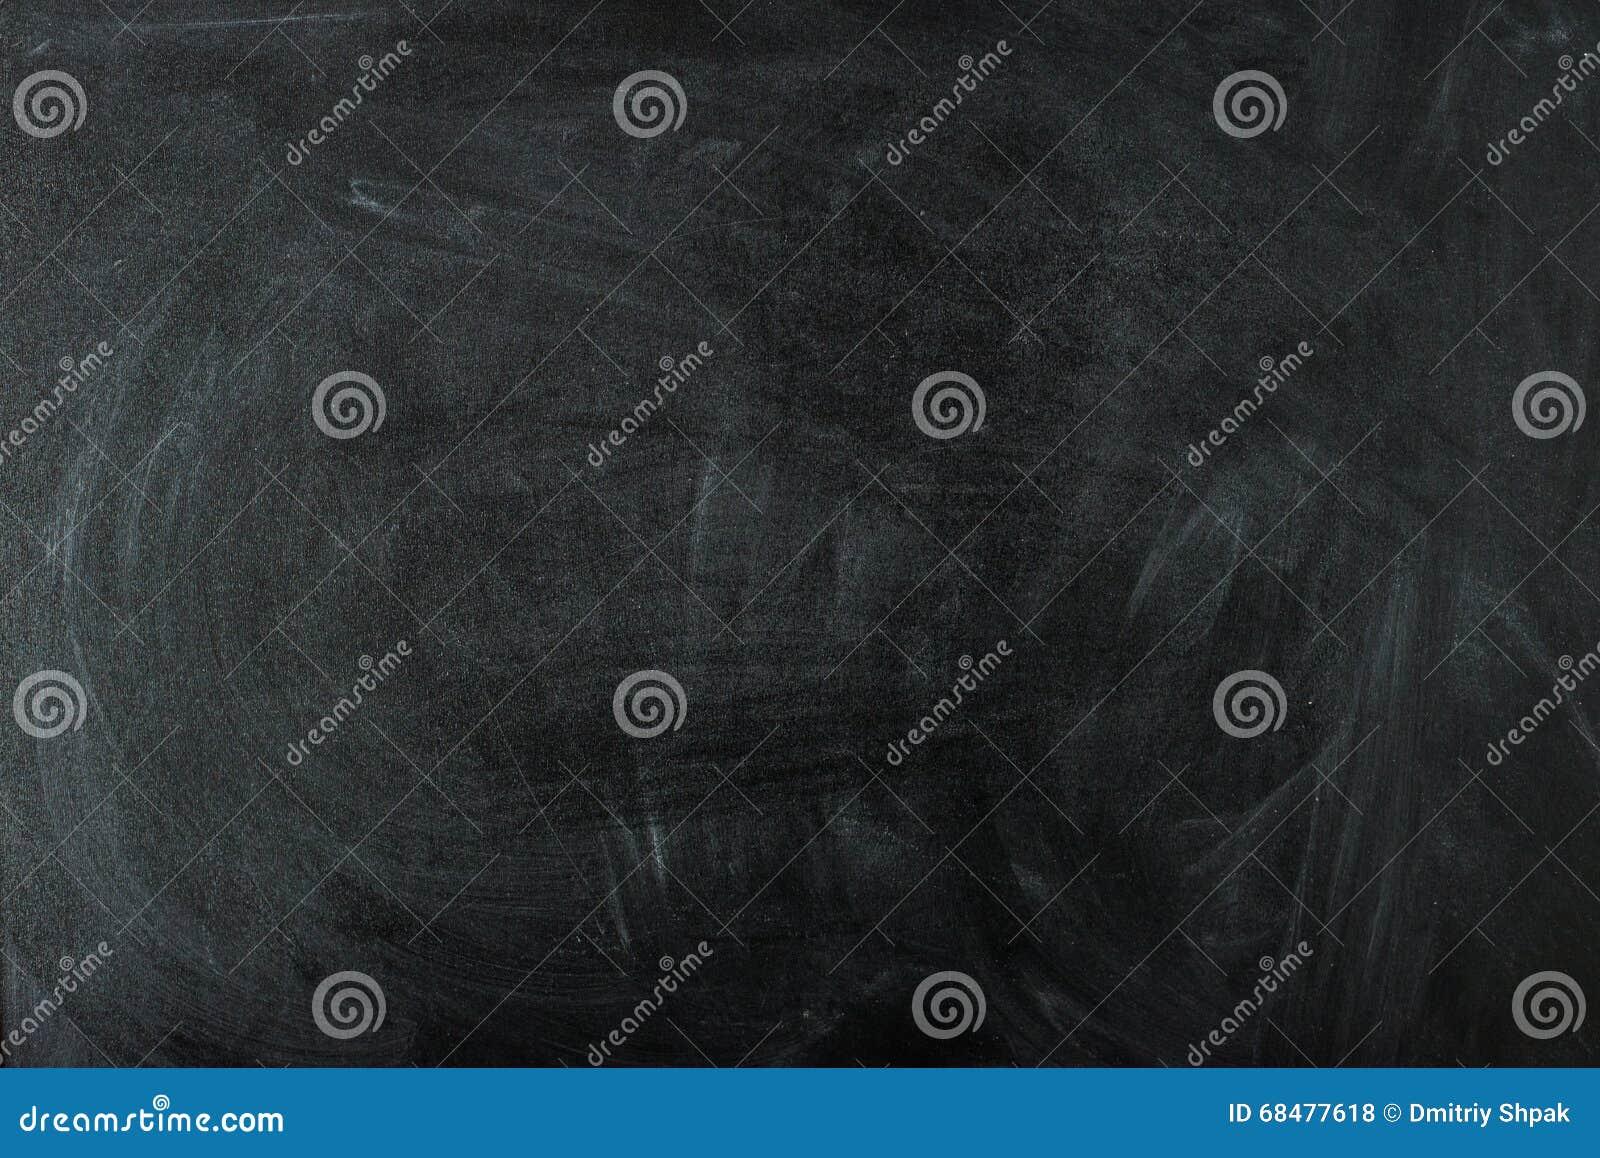 Empty black chalk board surface